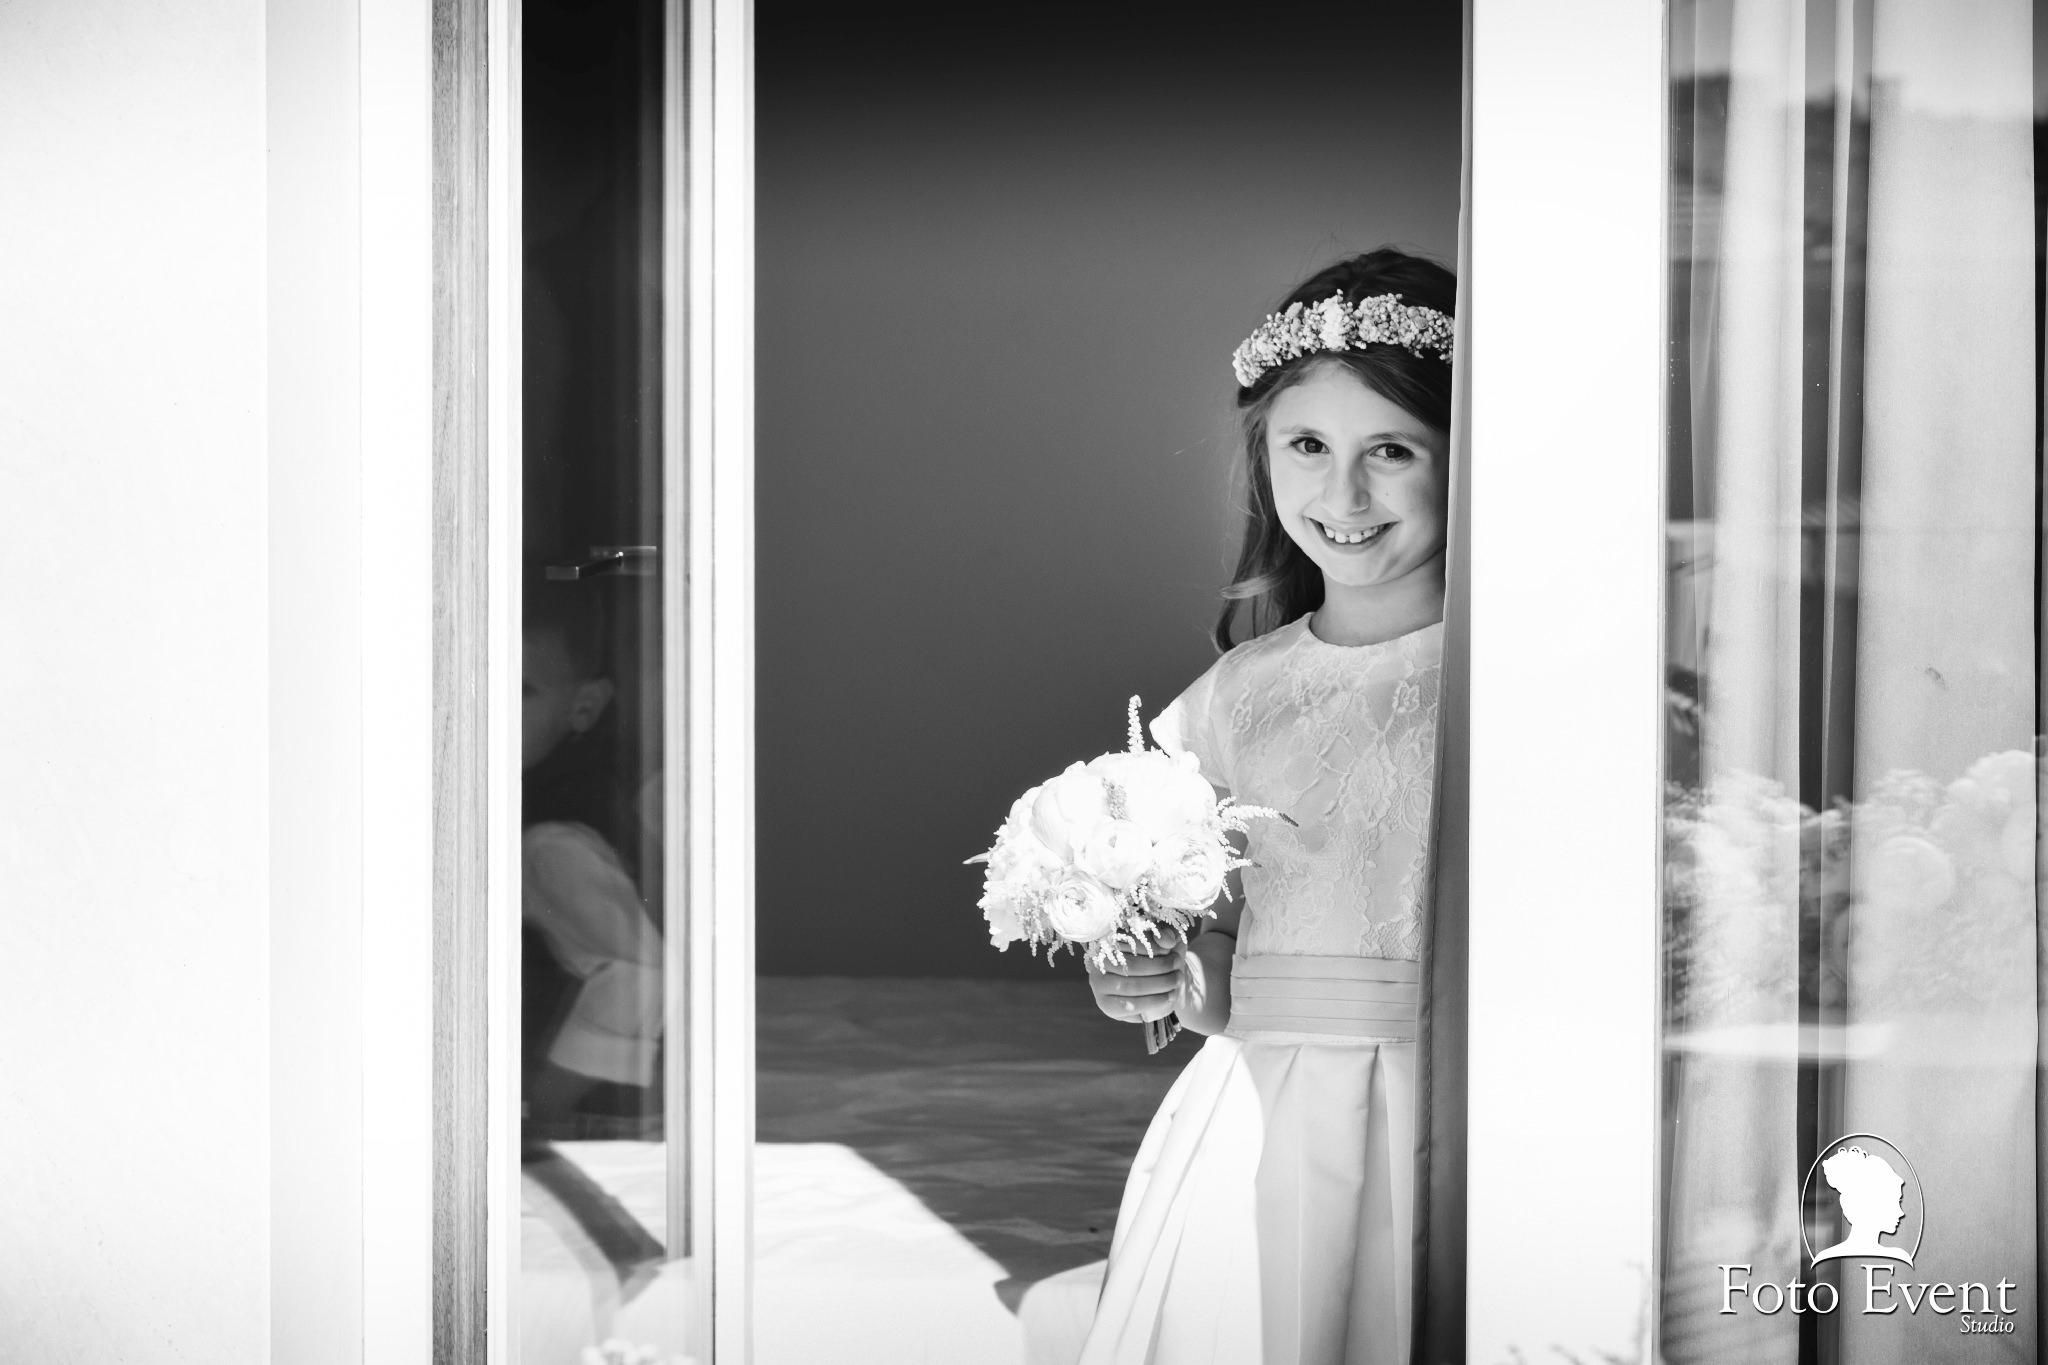 2017-07-21 Matrimonio Adriana e Giuseppe Dorsi 5DE 662 CD FOTO